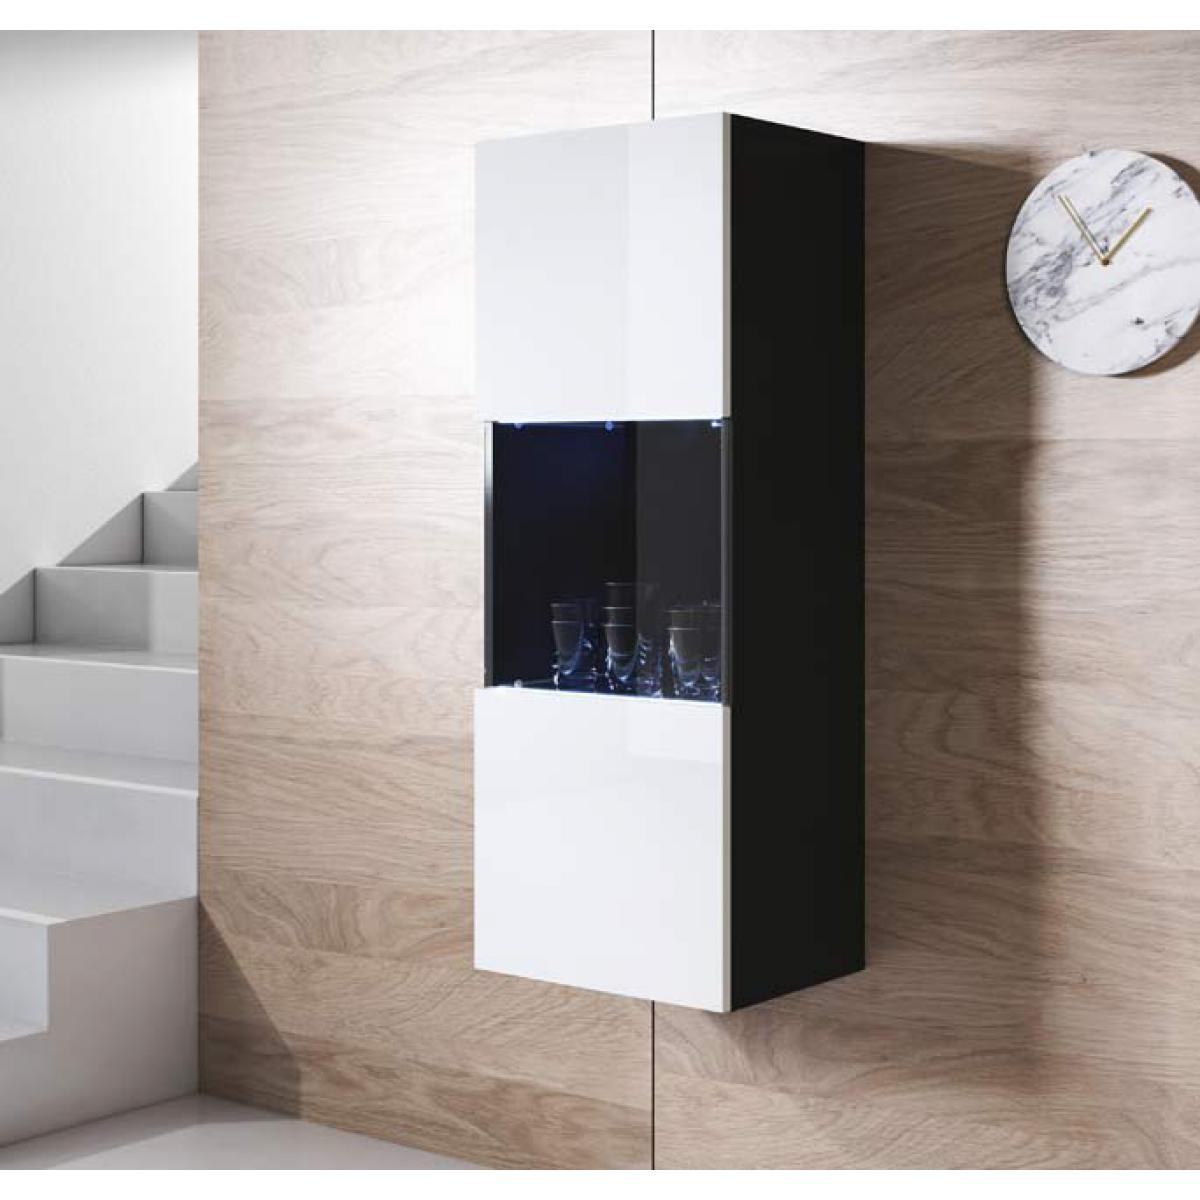 Design Ameublement Armoire mural modèle Luke V3 (40x126cm) couleur noir et blanc